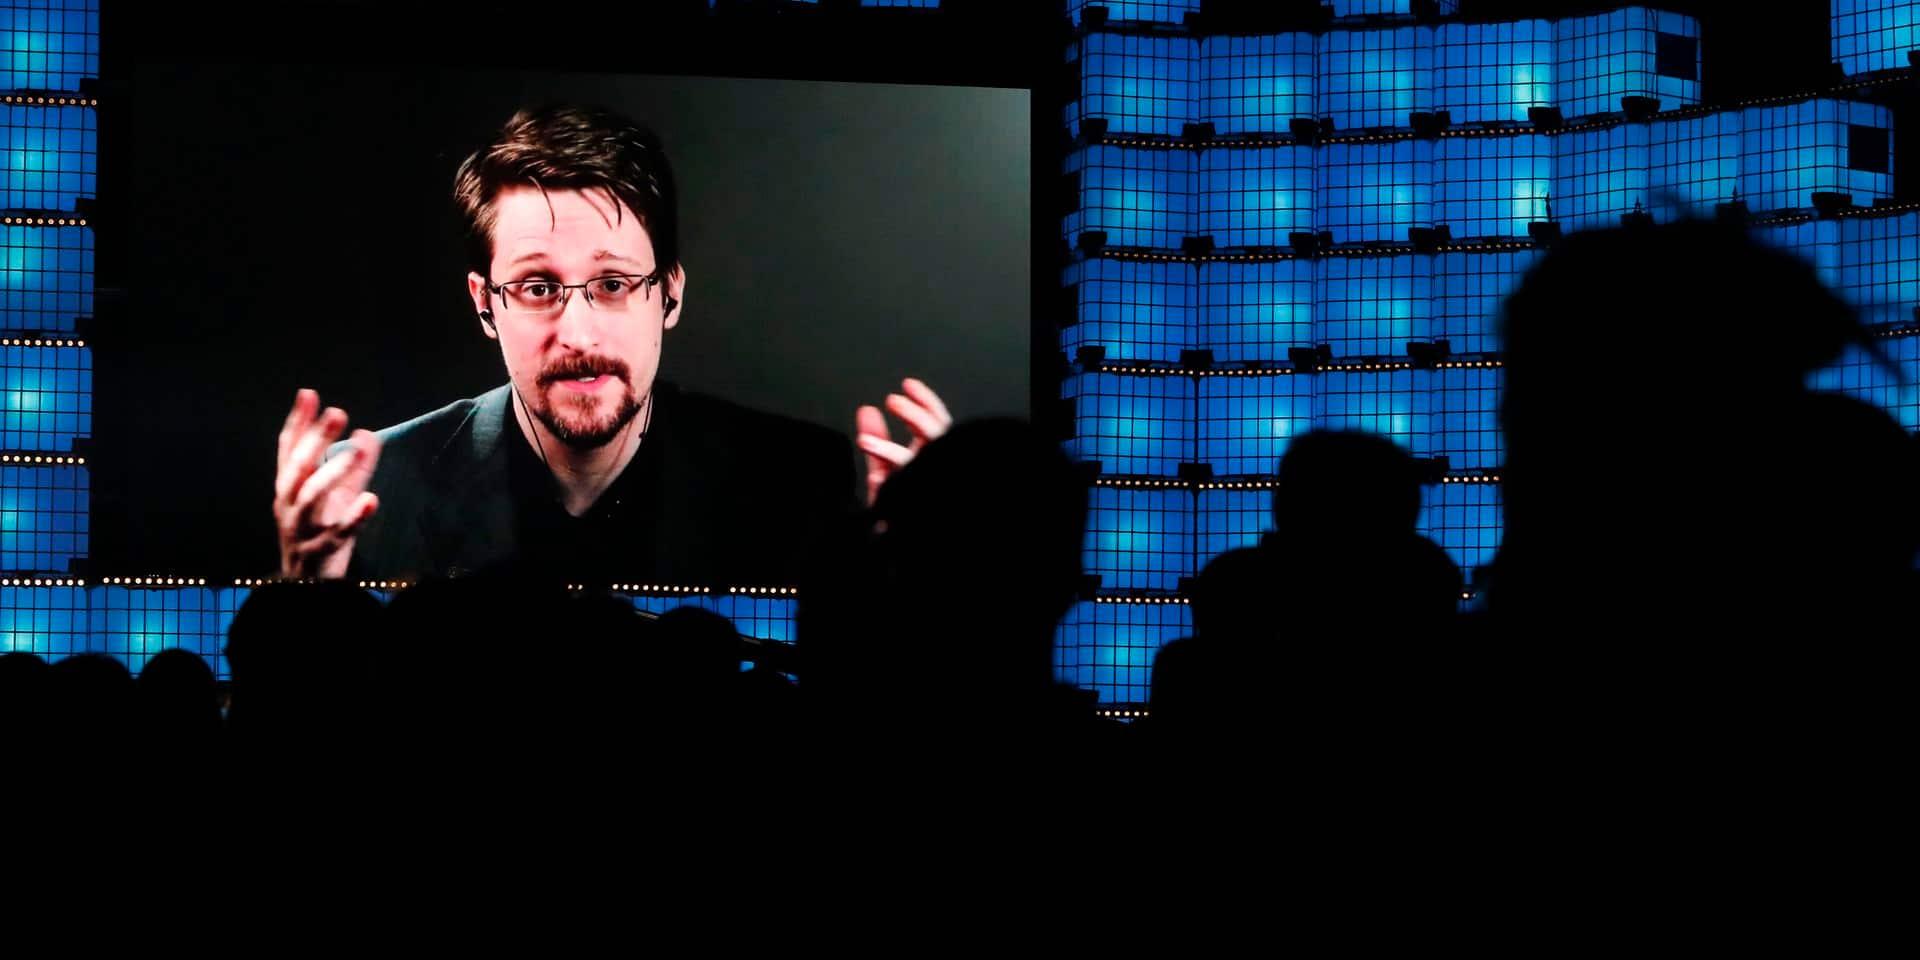 L'outil préféré d'Edward Snowden ne laisse aucune trace depuis dix ans